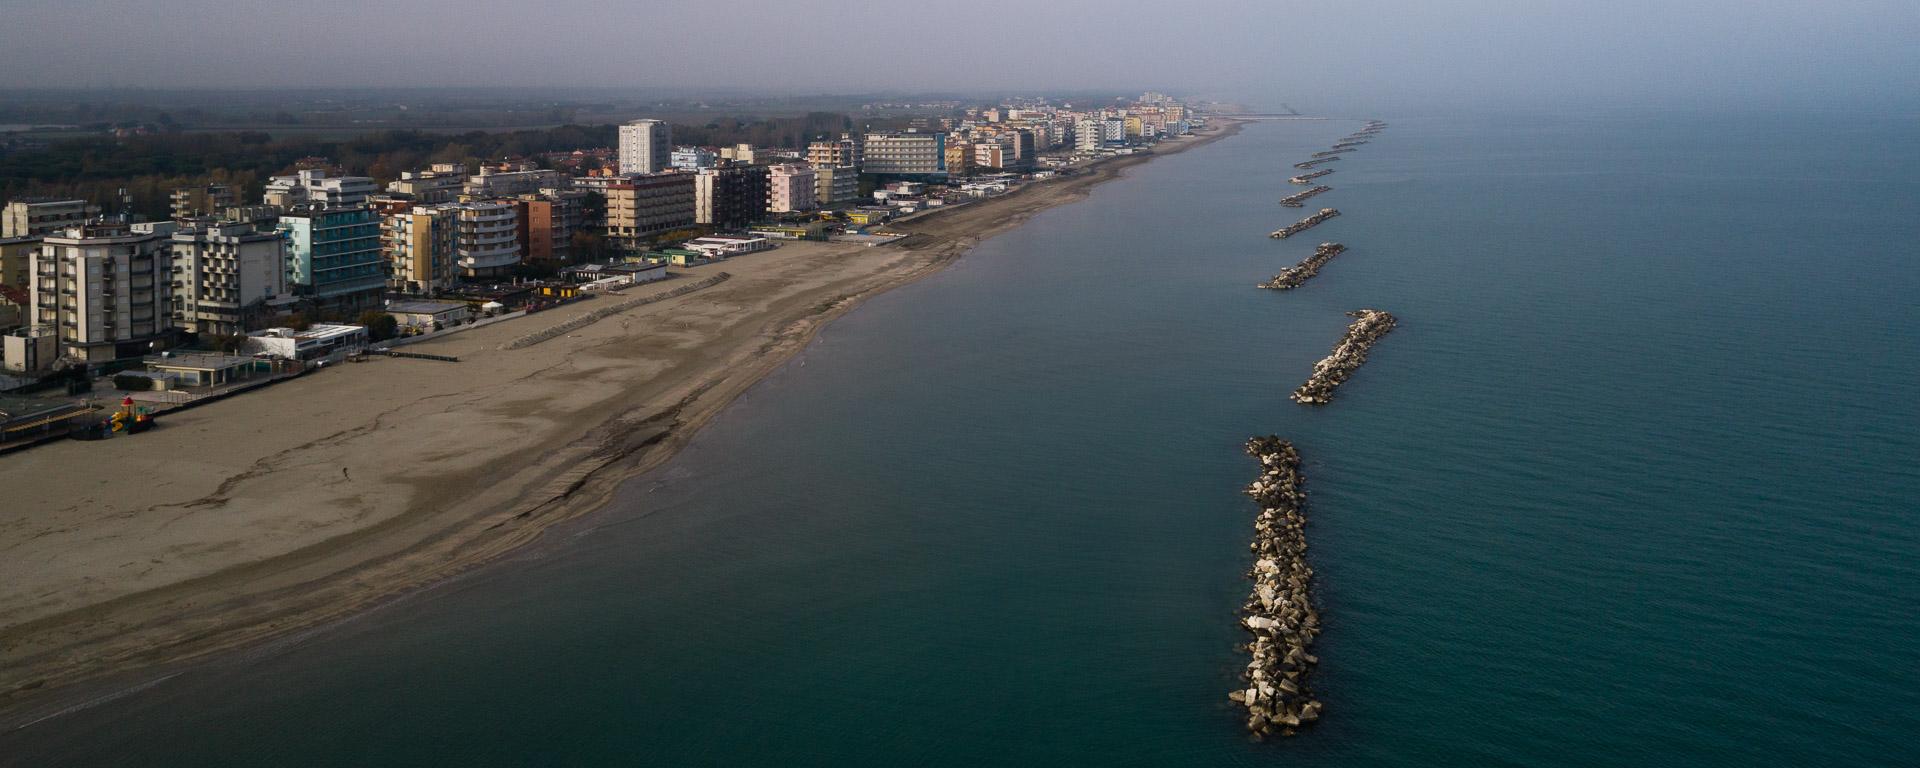 DJI_0050-antonello-zoffoli-drone-cervia-mare-costa-inverno